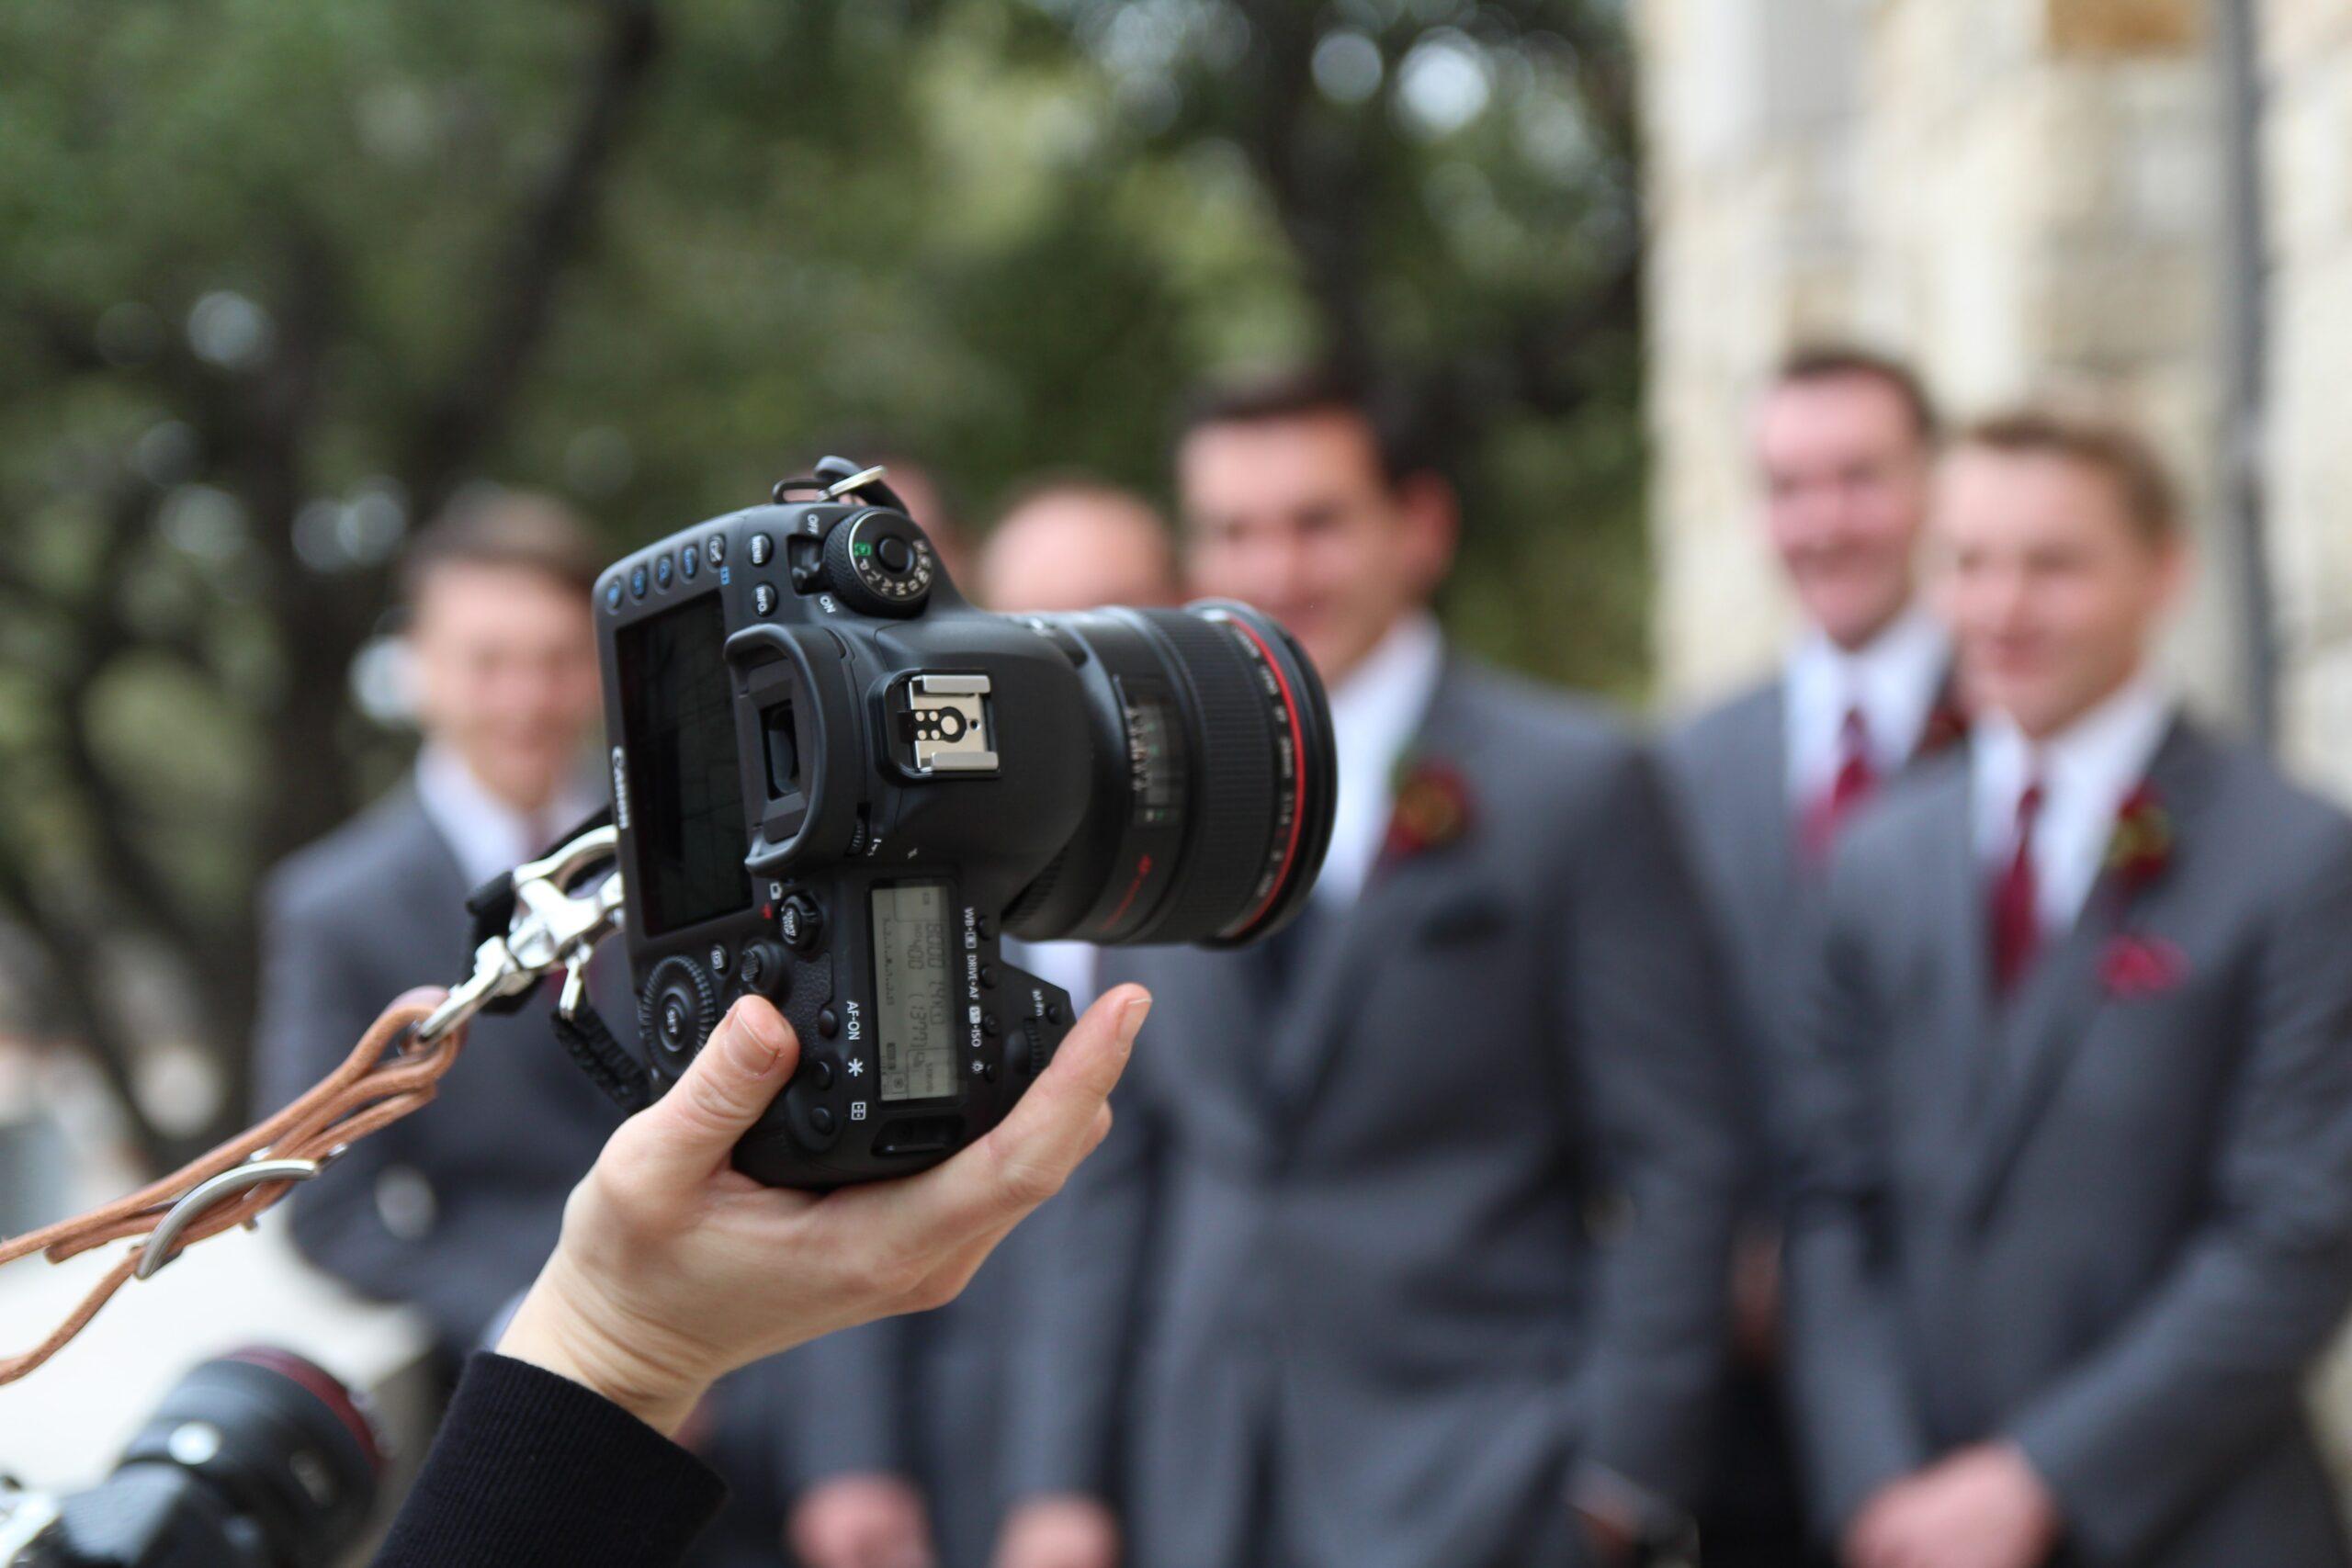 El fotógrafo de bodas ayuda a cuidar recuerdos